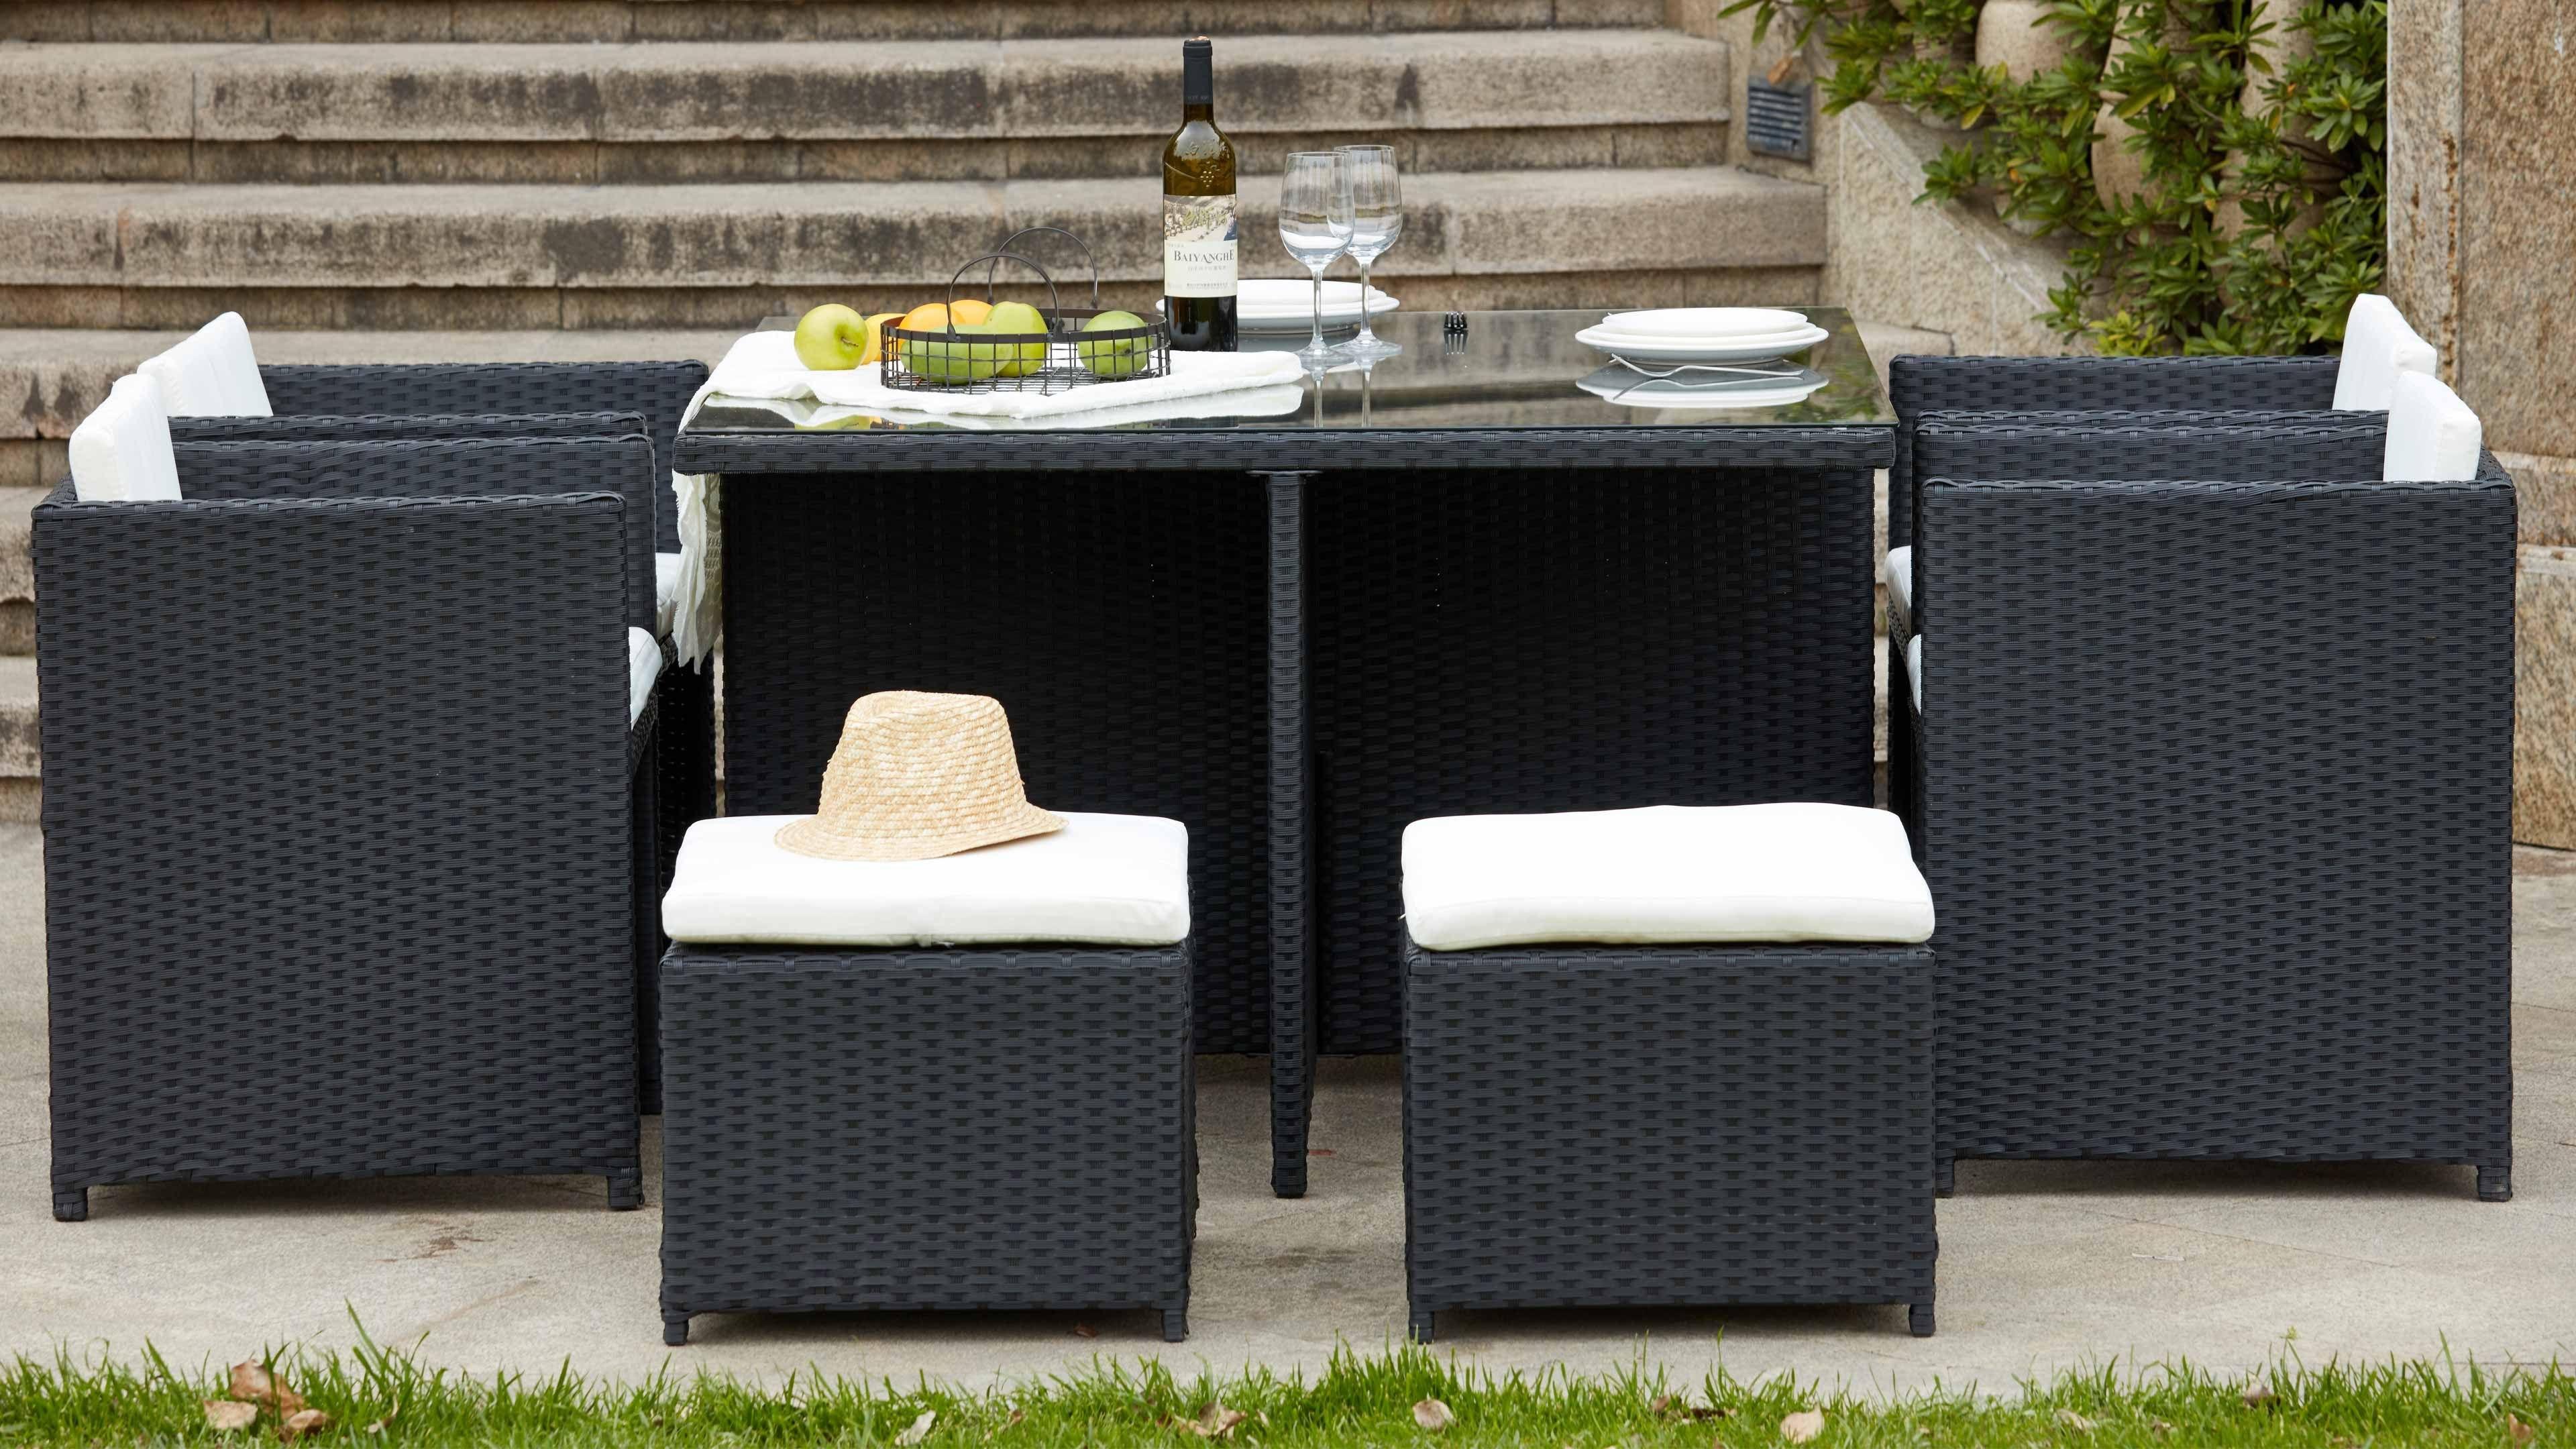 Salon de jardin en resine groupon - Mailleraye.fr jardin